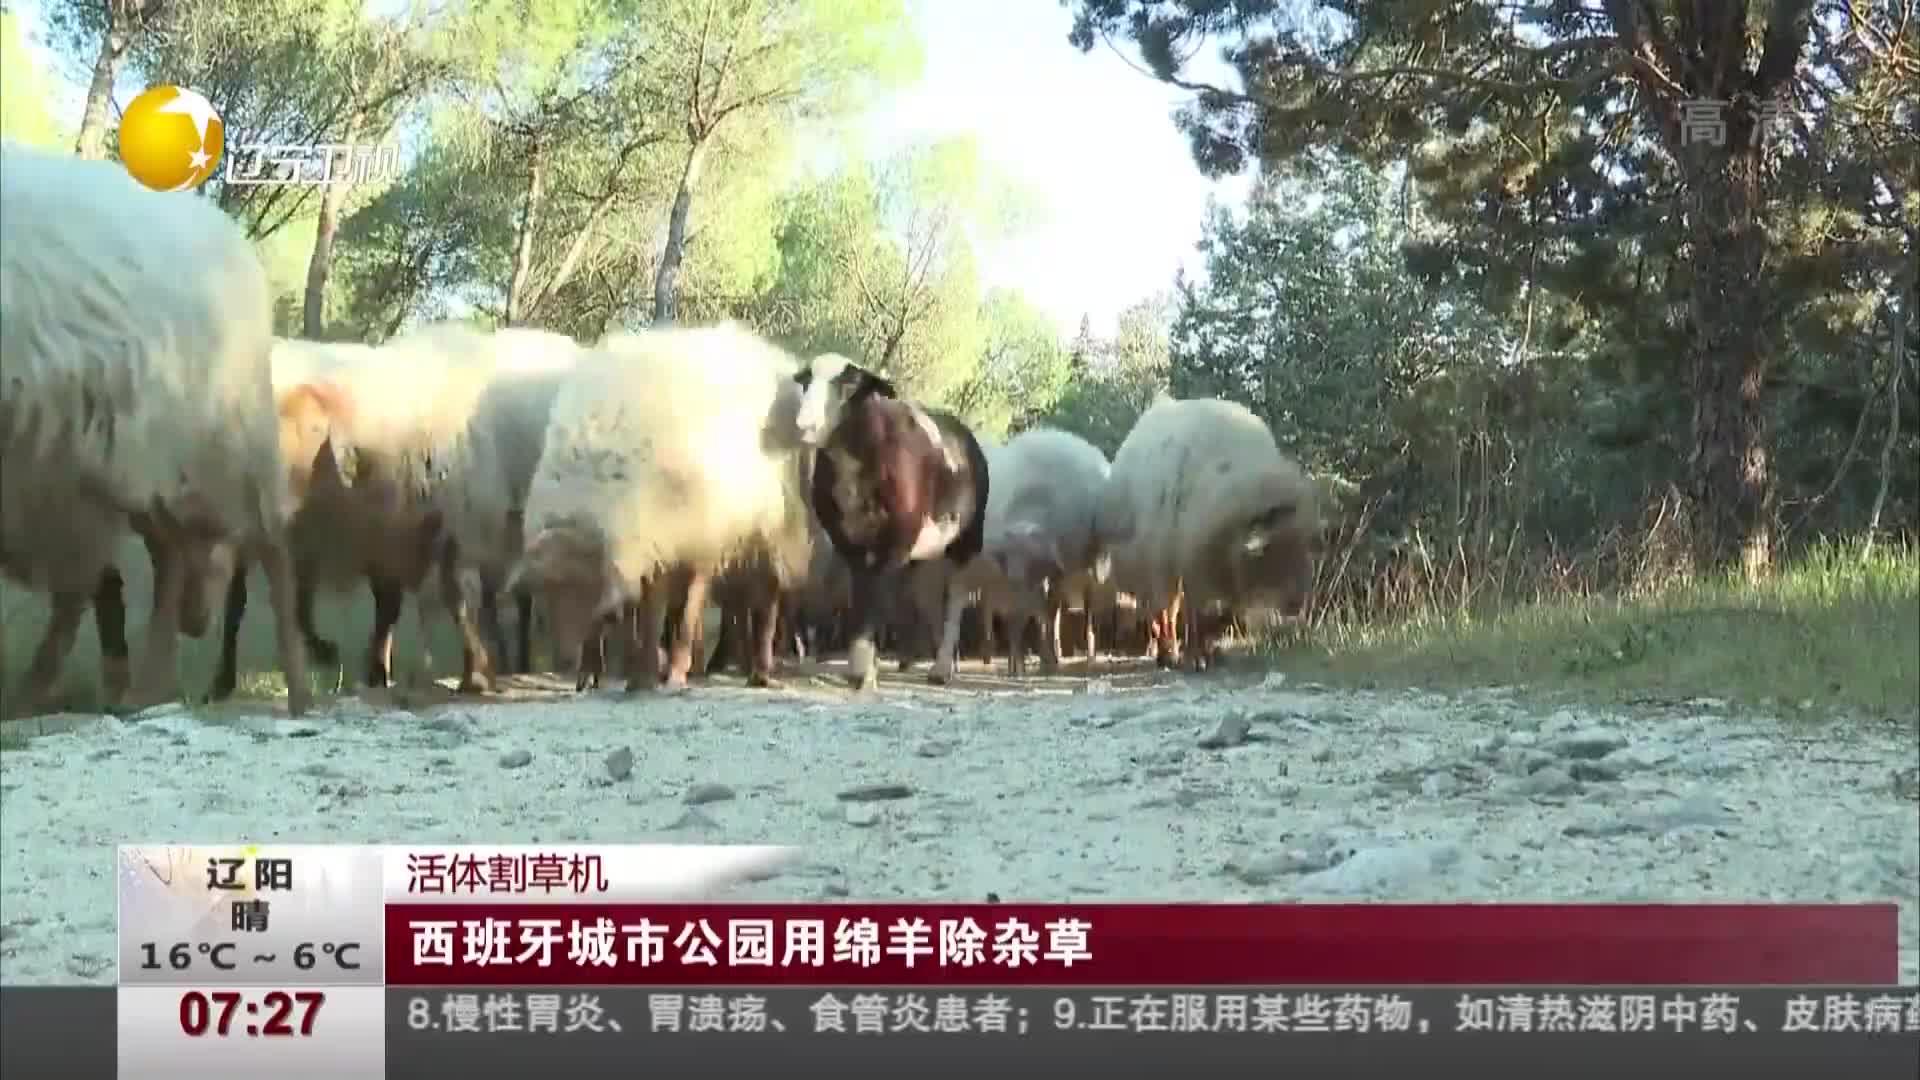 [视频]西班牙城市公园用绵羊除杂草